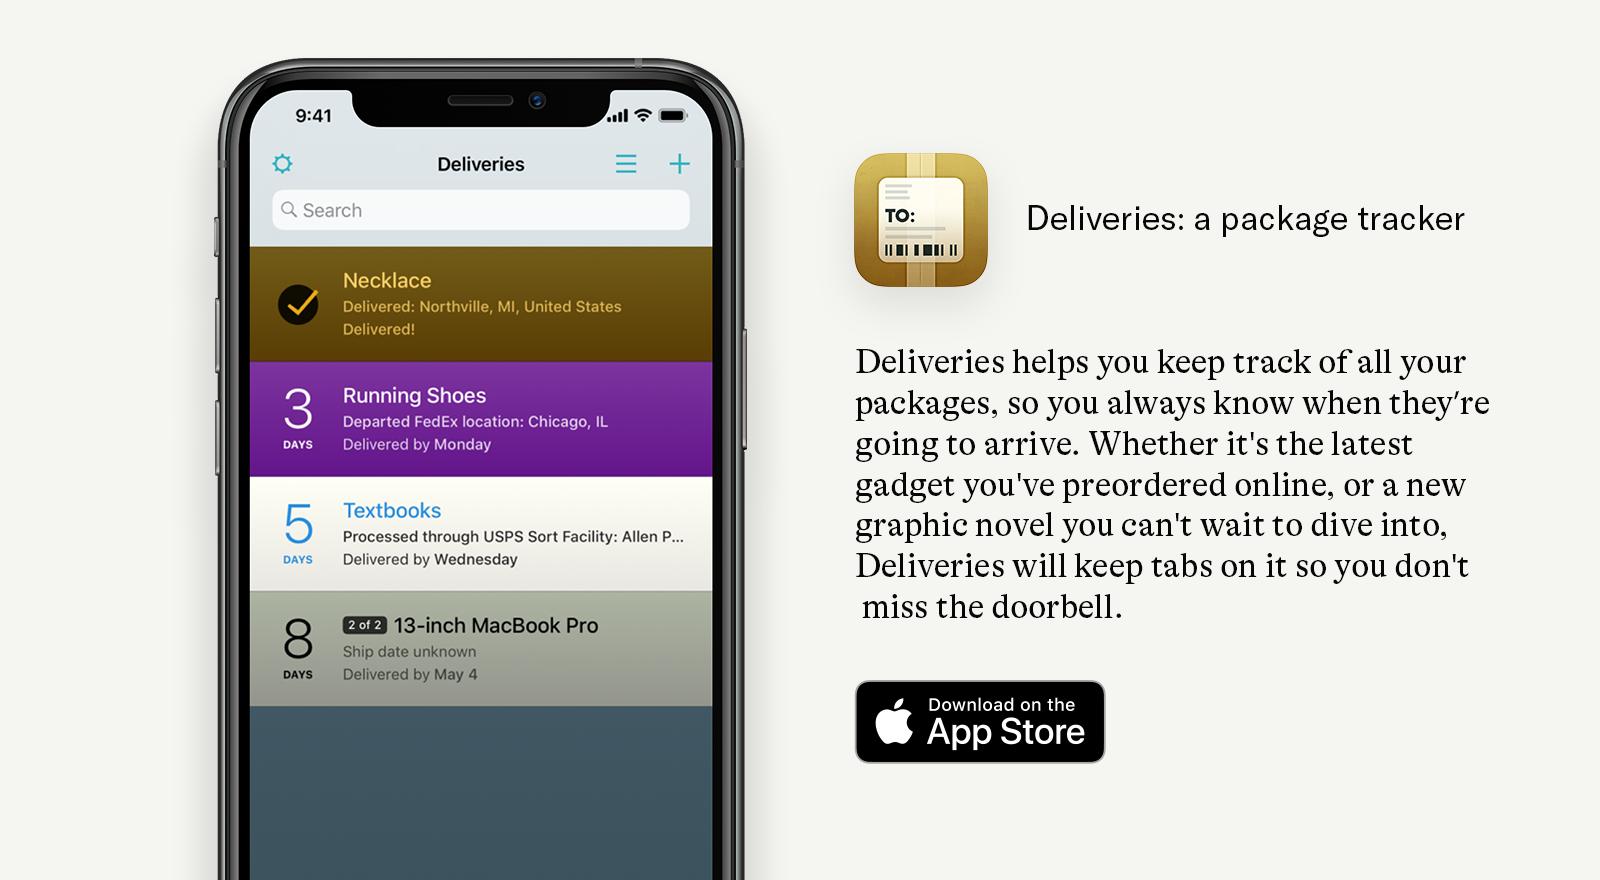 deliveries app description